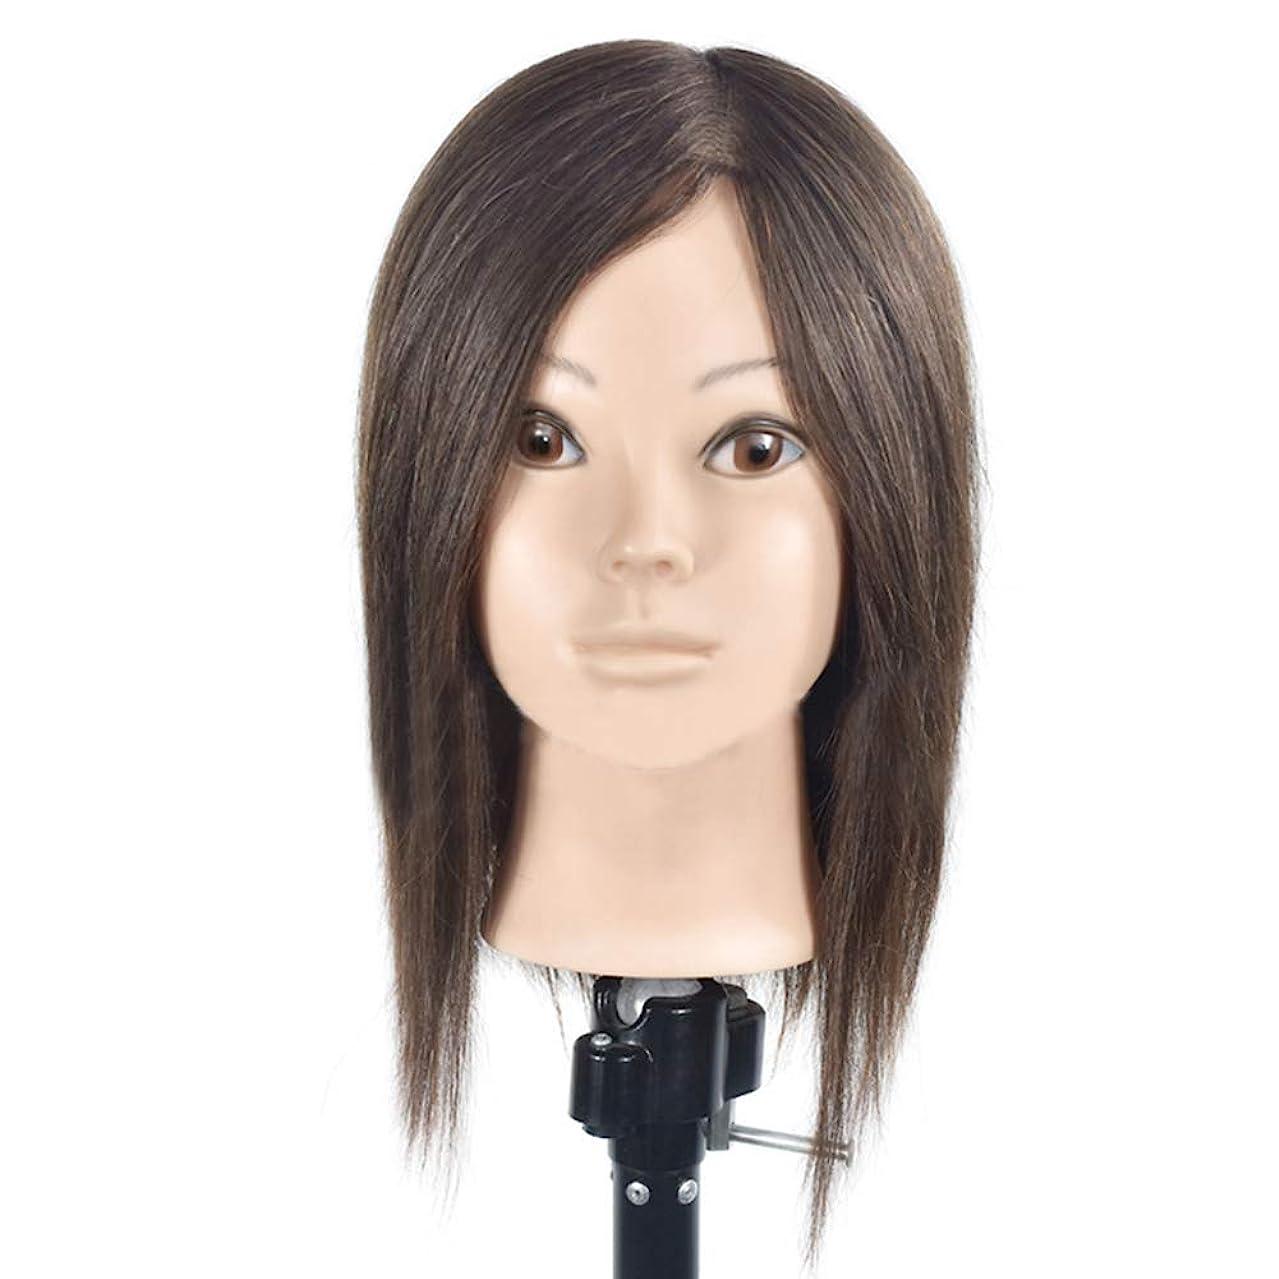 前投薬方言逸話本物の人間の髪のかつらの頭の金型の理髪の髪型のスタイリングマネキンの頭の理髪店の練習の練習ダミーヘッド